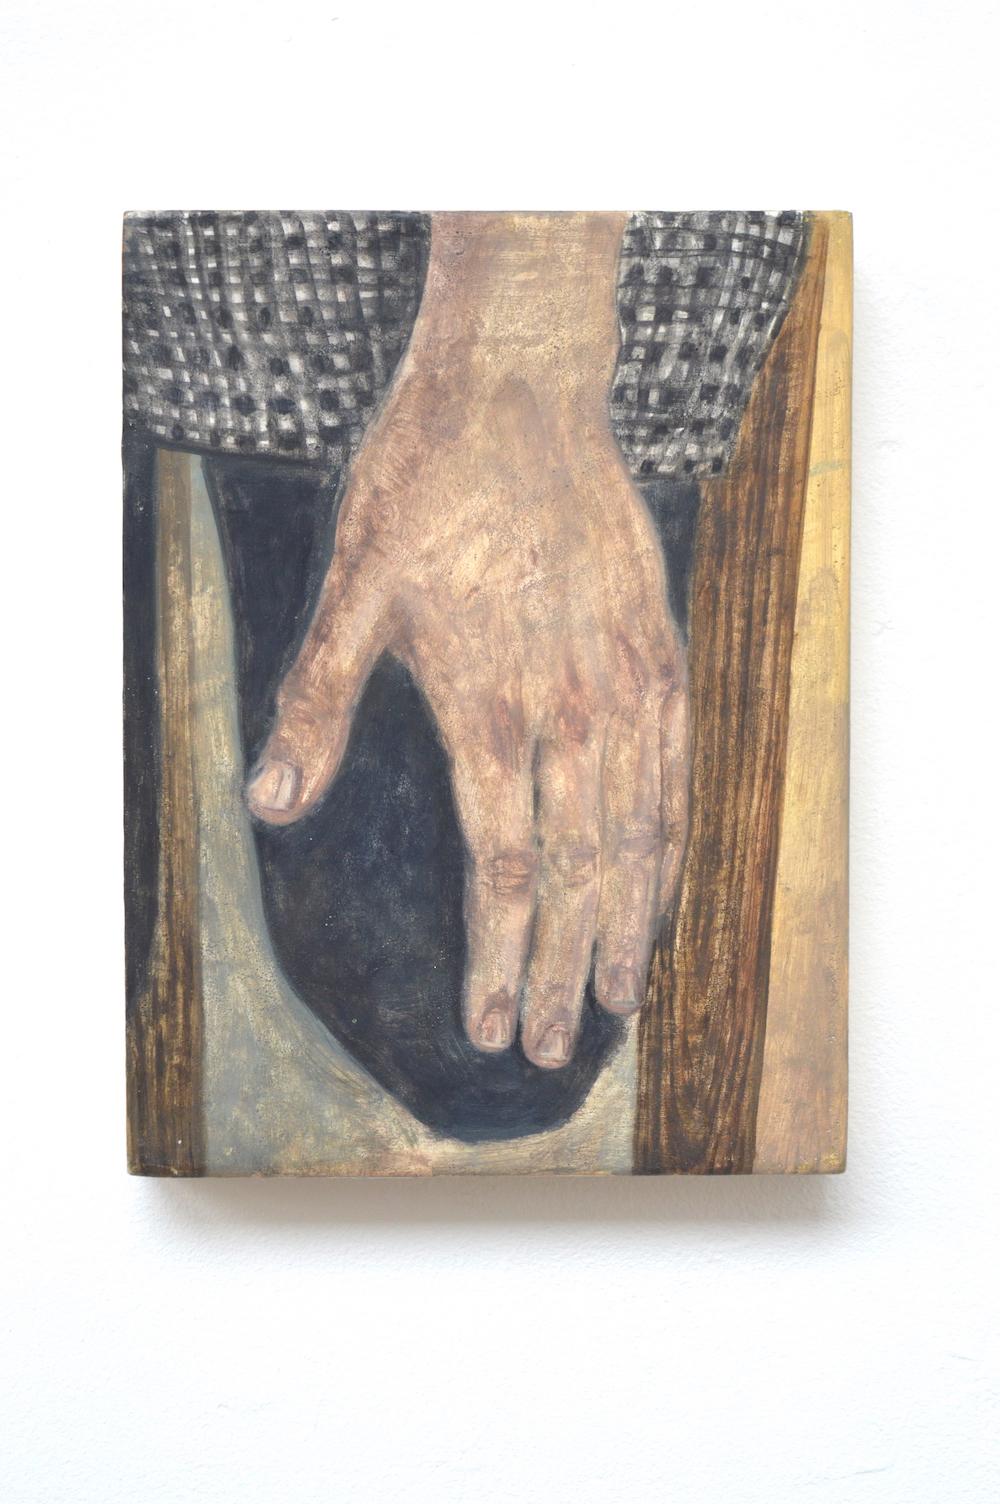 Main, 2017, 27 × 19 cm, huile sur bois